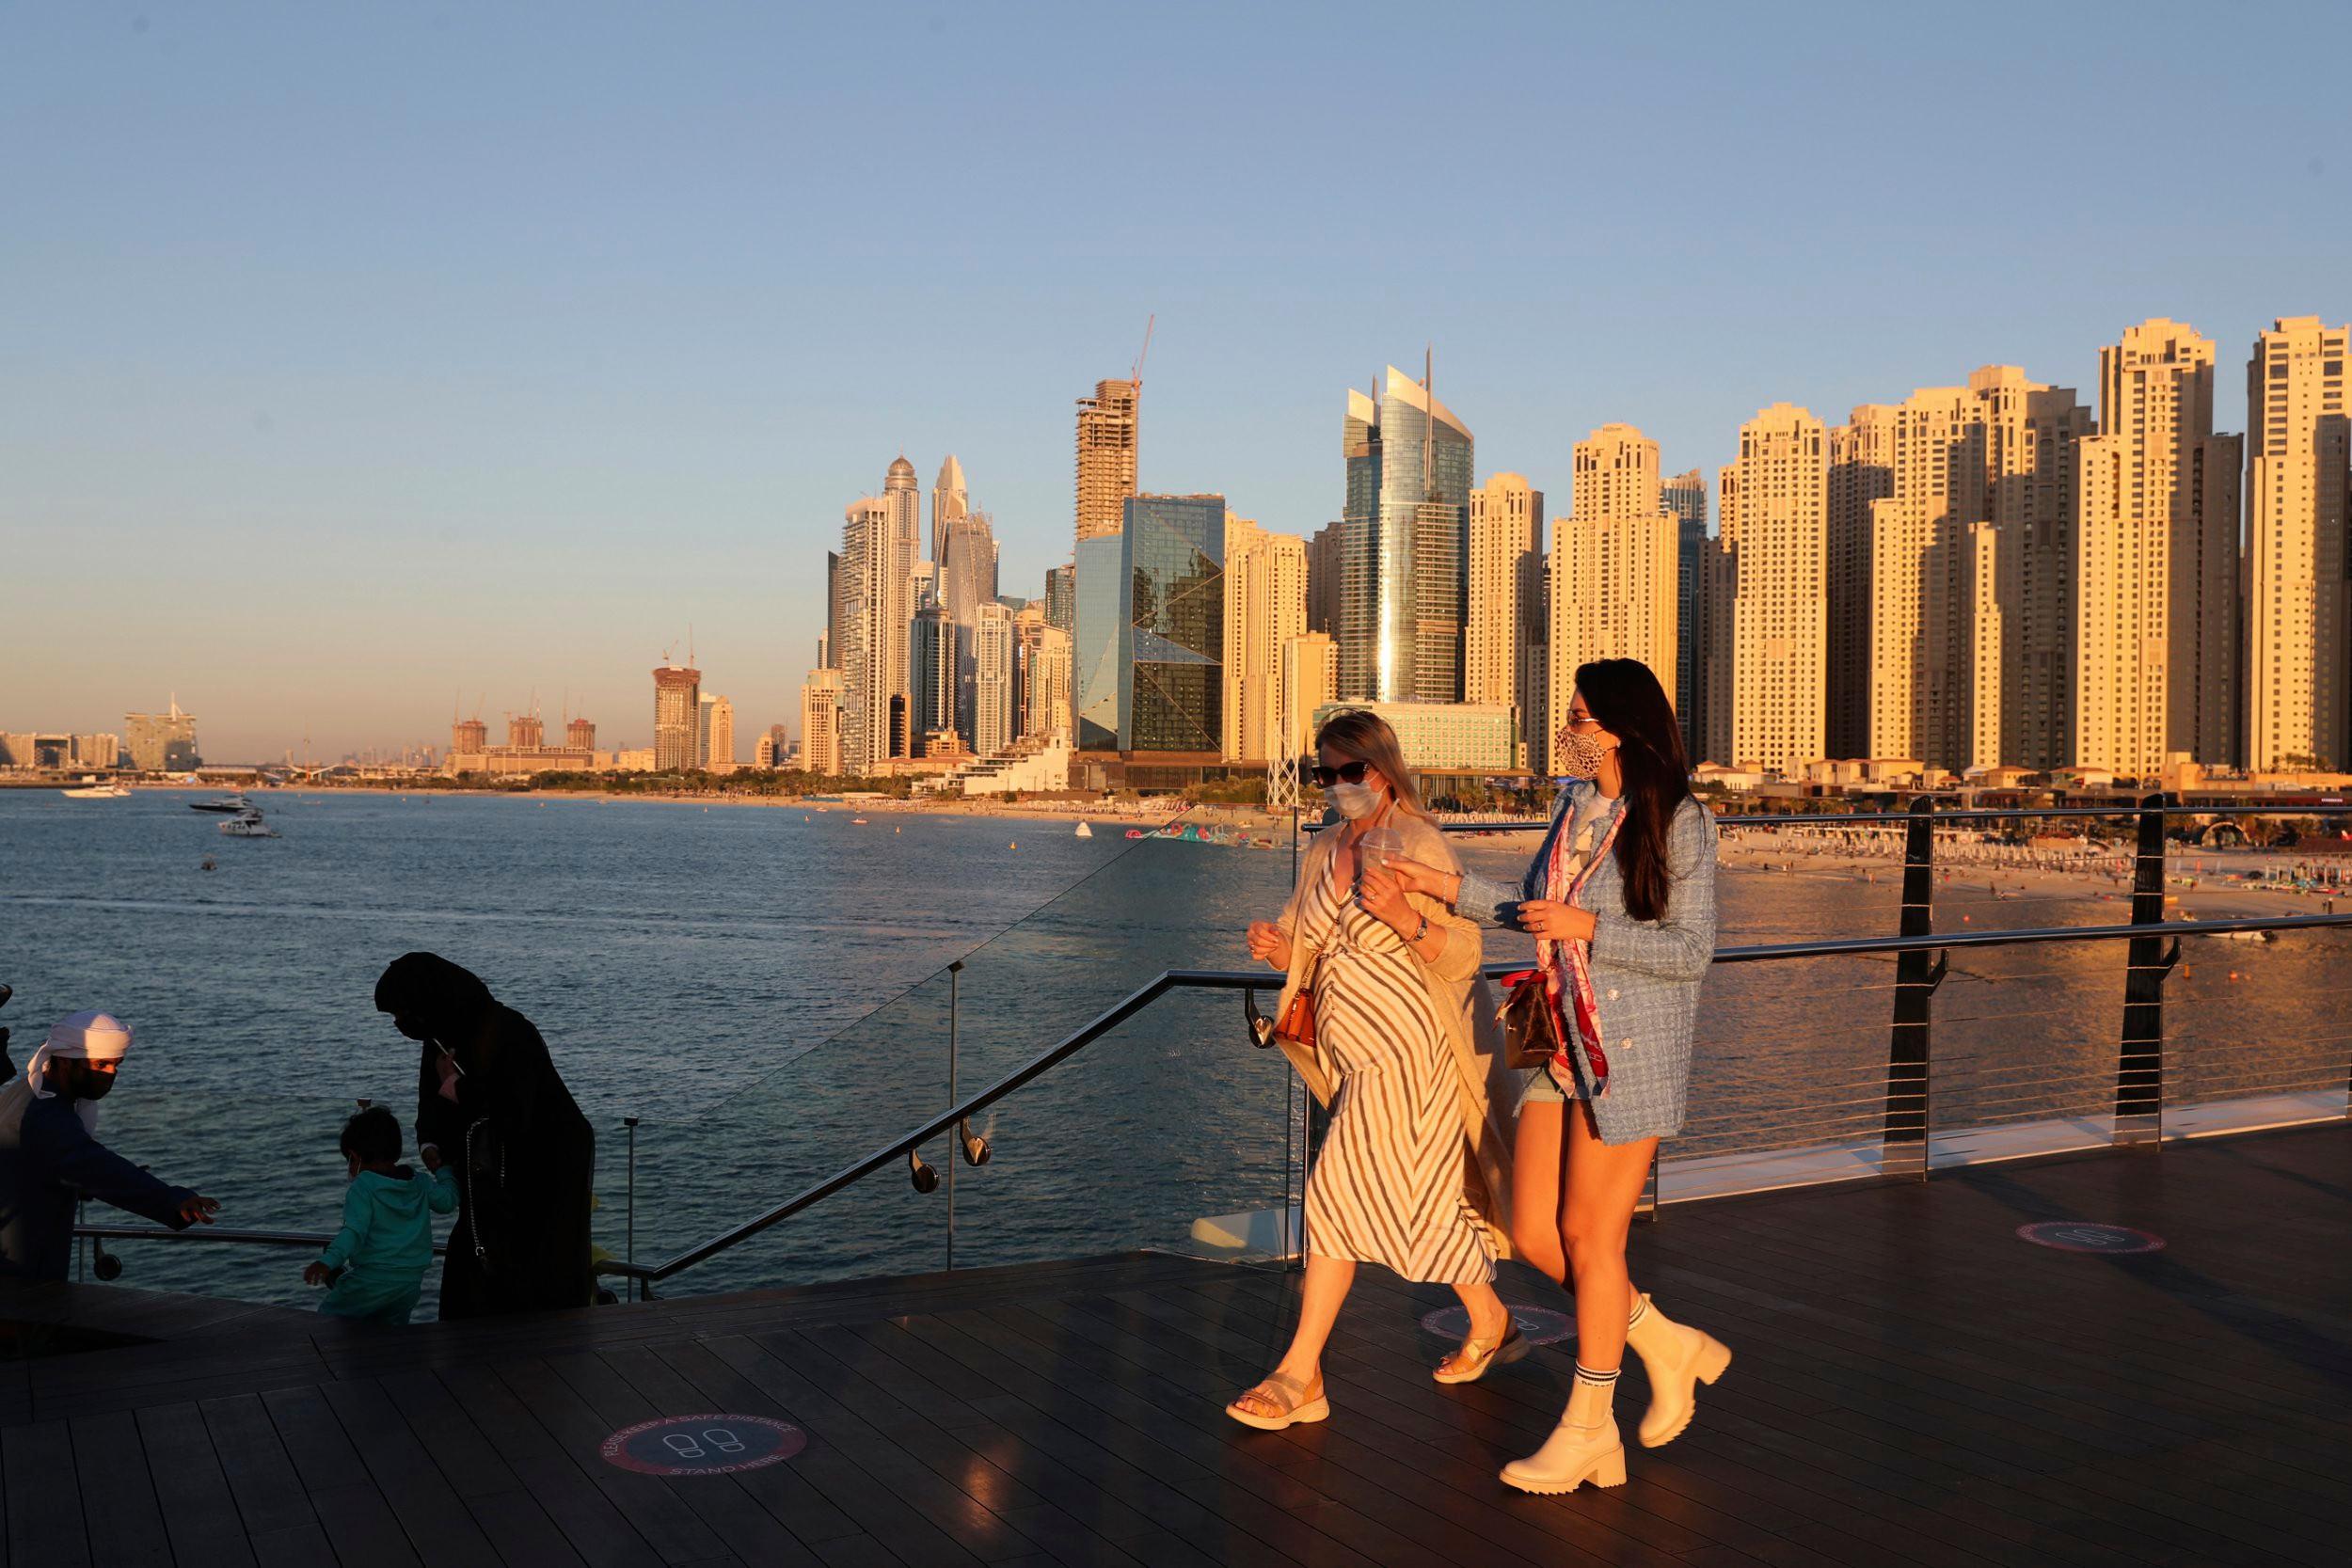 Dubai adicionado à 'lista vermelha' de quarentena de hotéis do Reino Unido